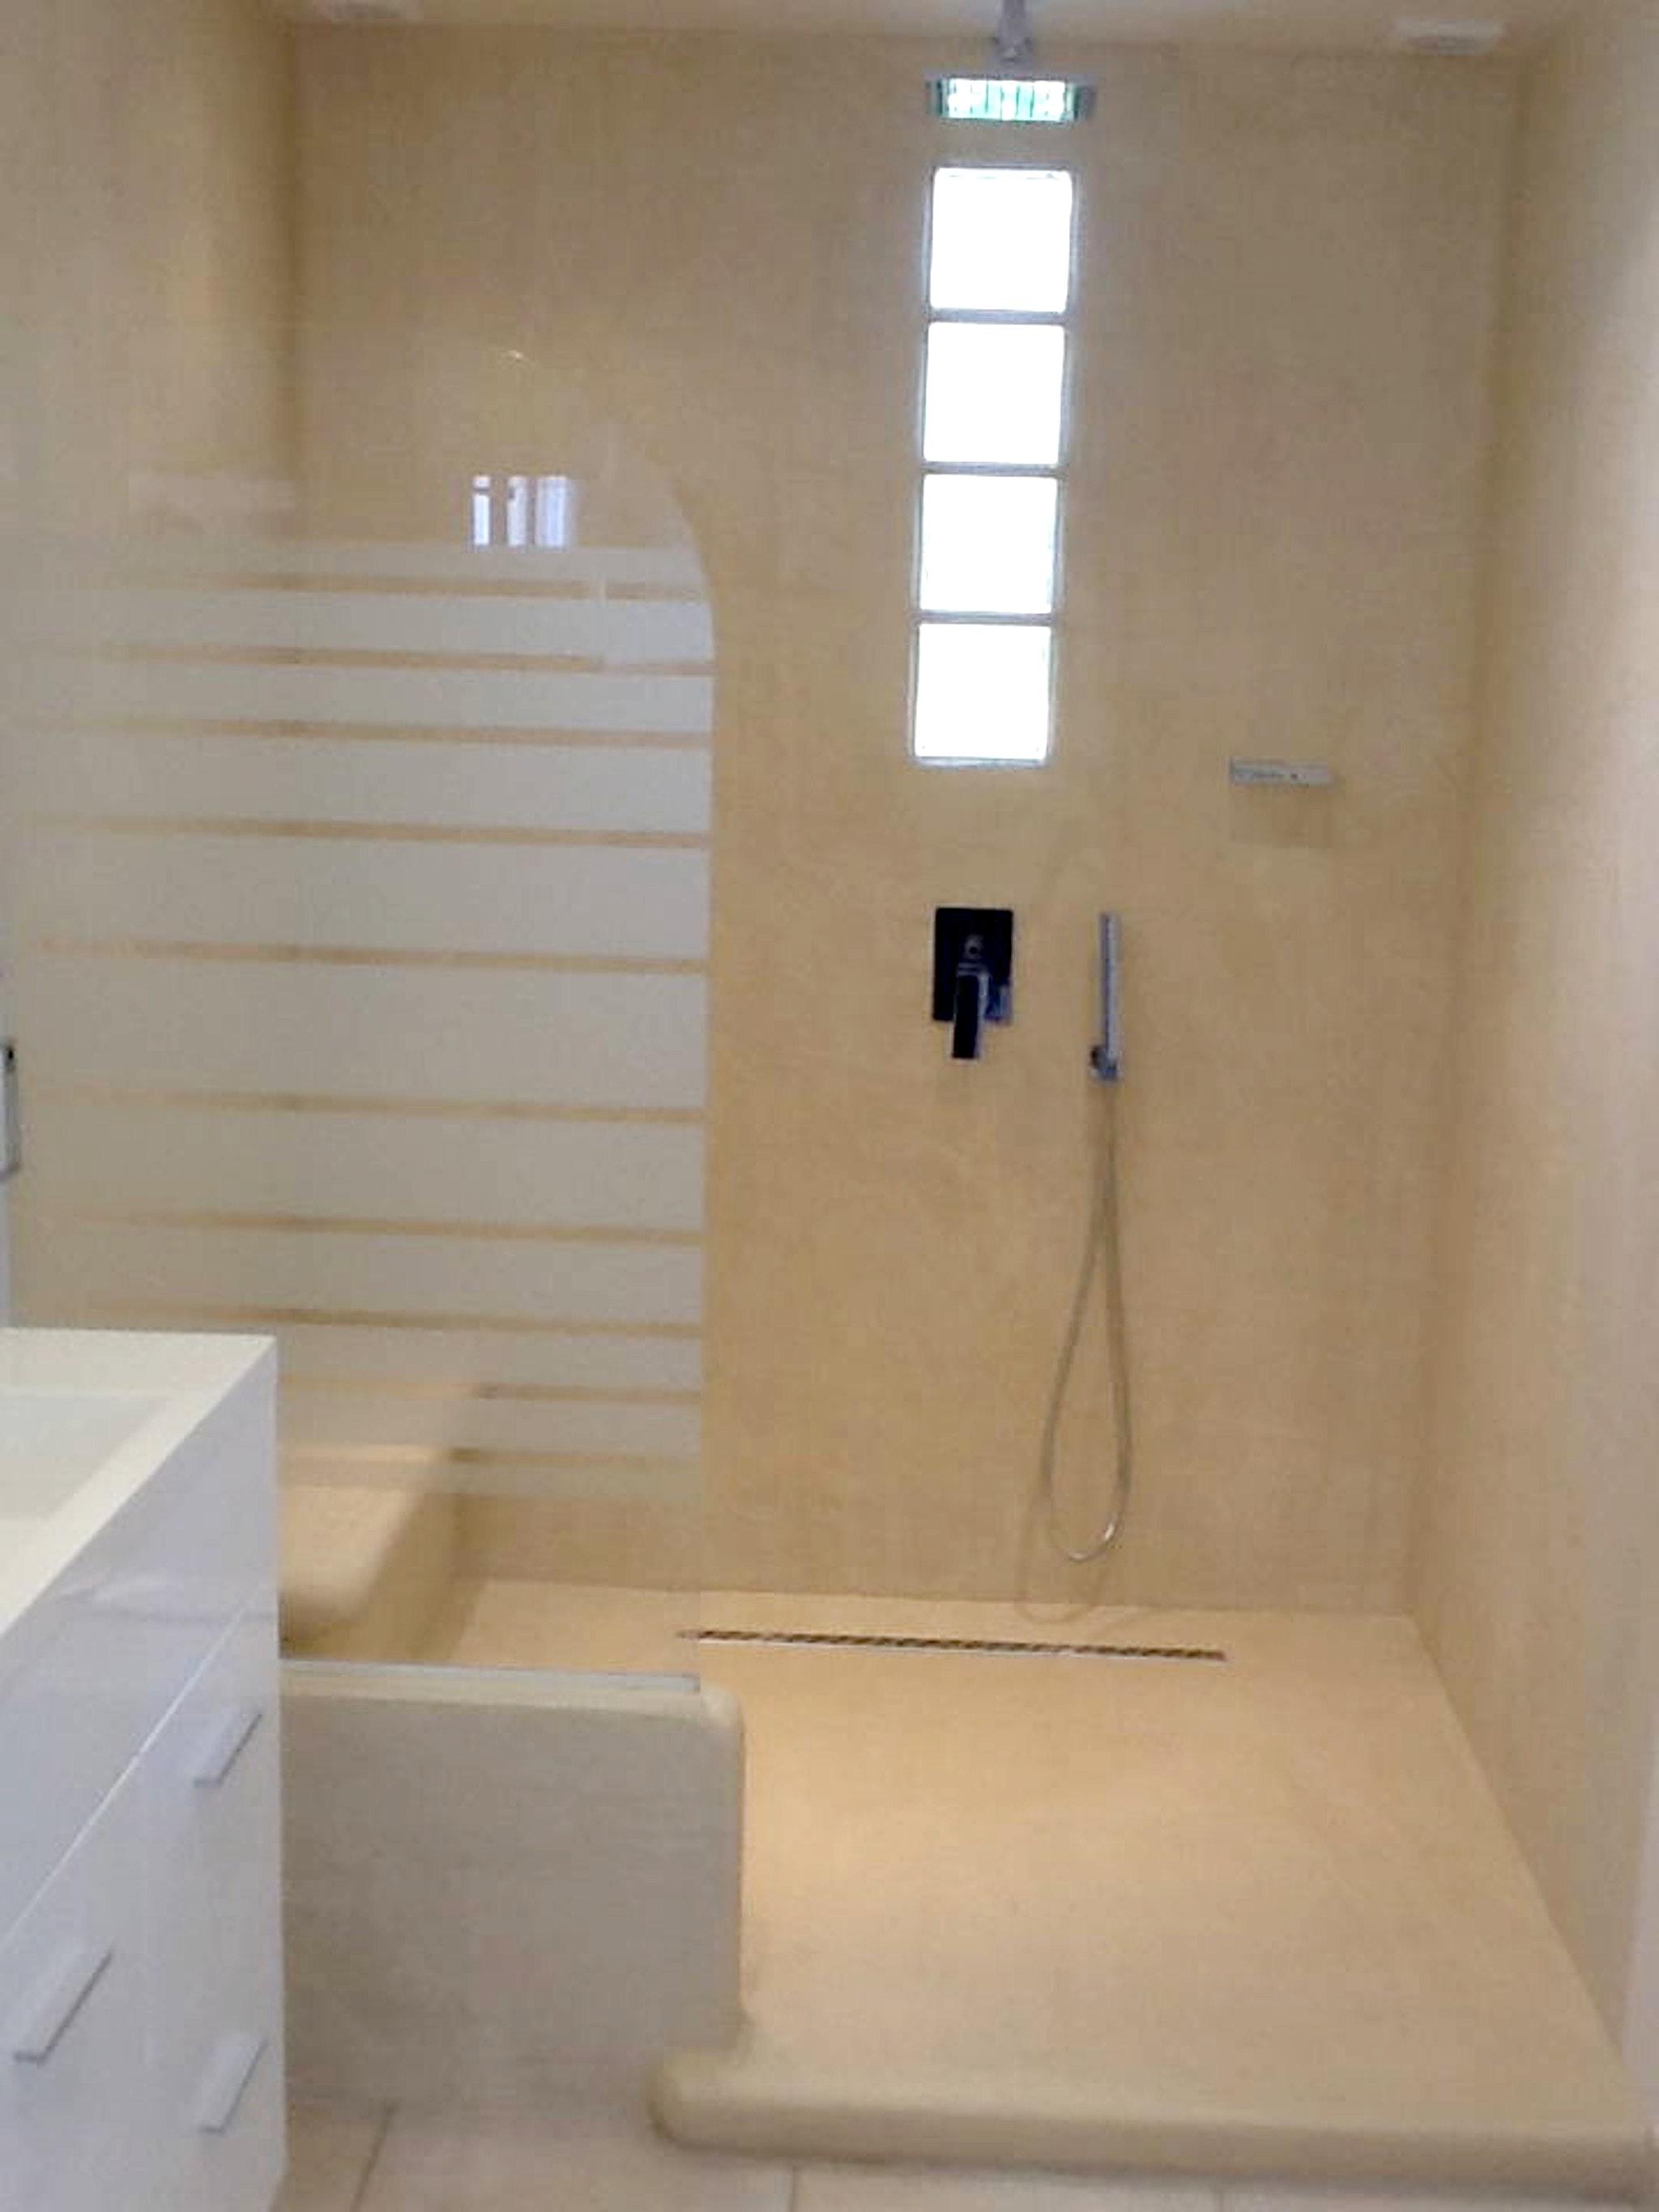 Maison de vacances Villa mit 3 Schlafzimmern in L'Isle-sur-la-Sorgue mit privatem Pool, möblierter Terrasse u (2208394), L'Isle sur la Sorgue, Vaucluse, Provence - Alpes - Côte d'Azur, France, image 16